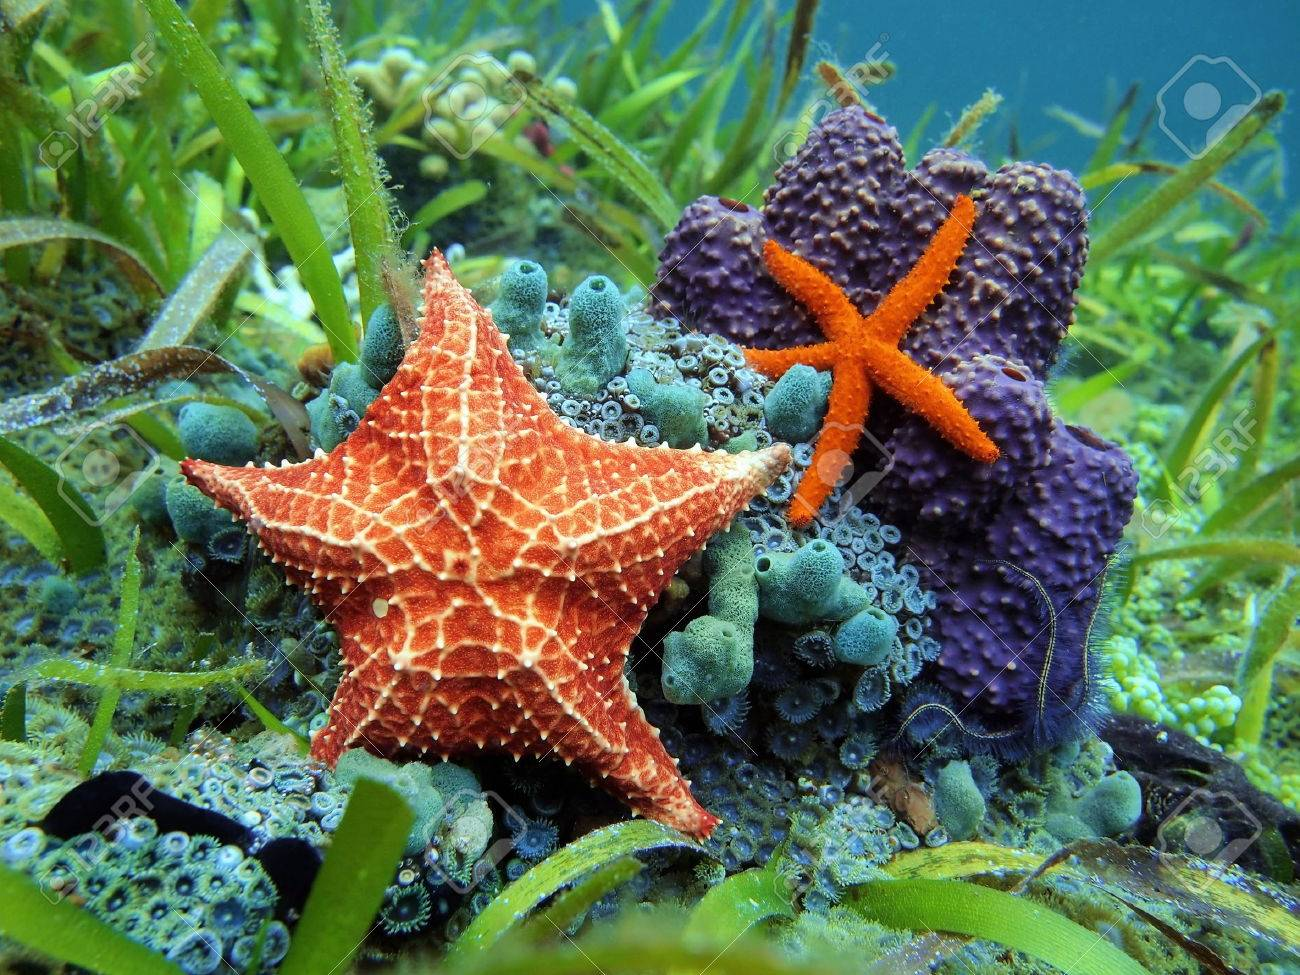 Starfishes Sous Leau Avec Une étoile Comète Commune Et Une étoile De Mer Coussin Sur La Vie Marine Colorée Mer Des Caraïbes